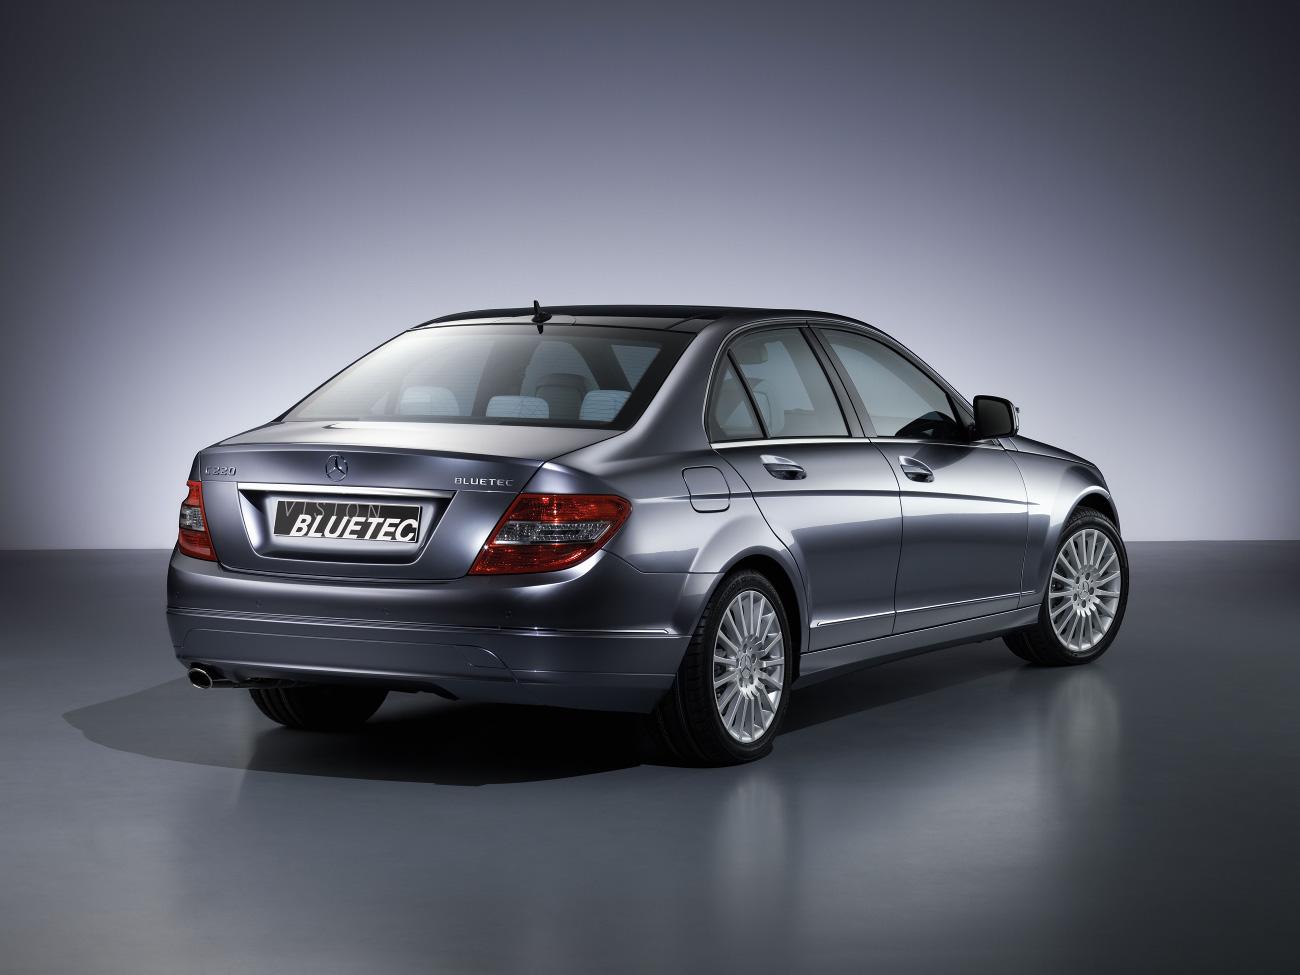 Babez.de - Mercedes-Benz Vision C 220 BLUETEC